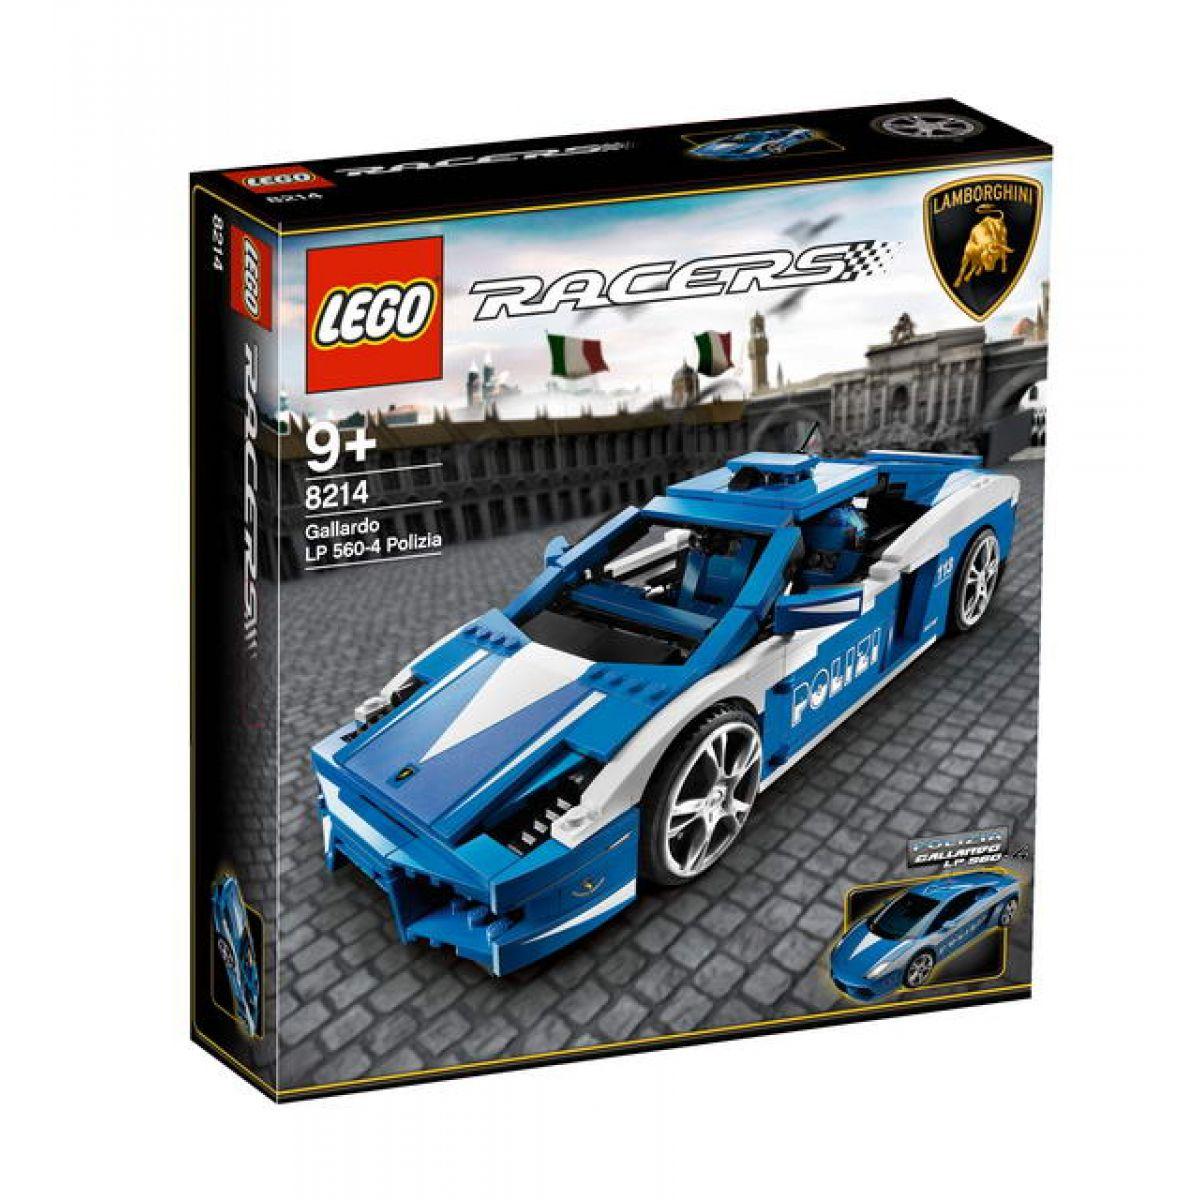 LEGO RACERS 8214 Lamborghini Polizia LP 560-4 Polizia #3